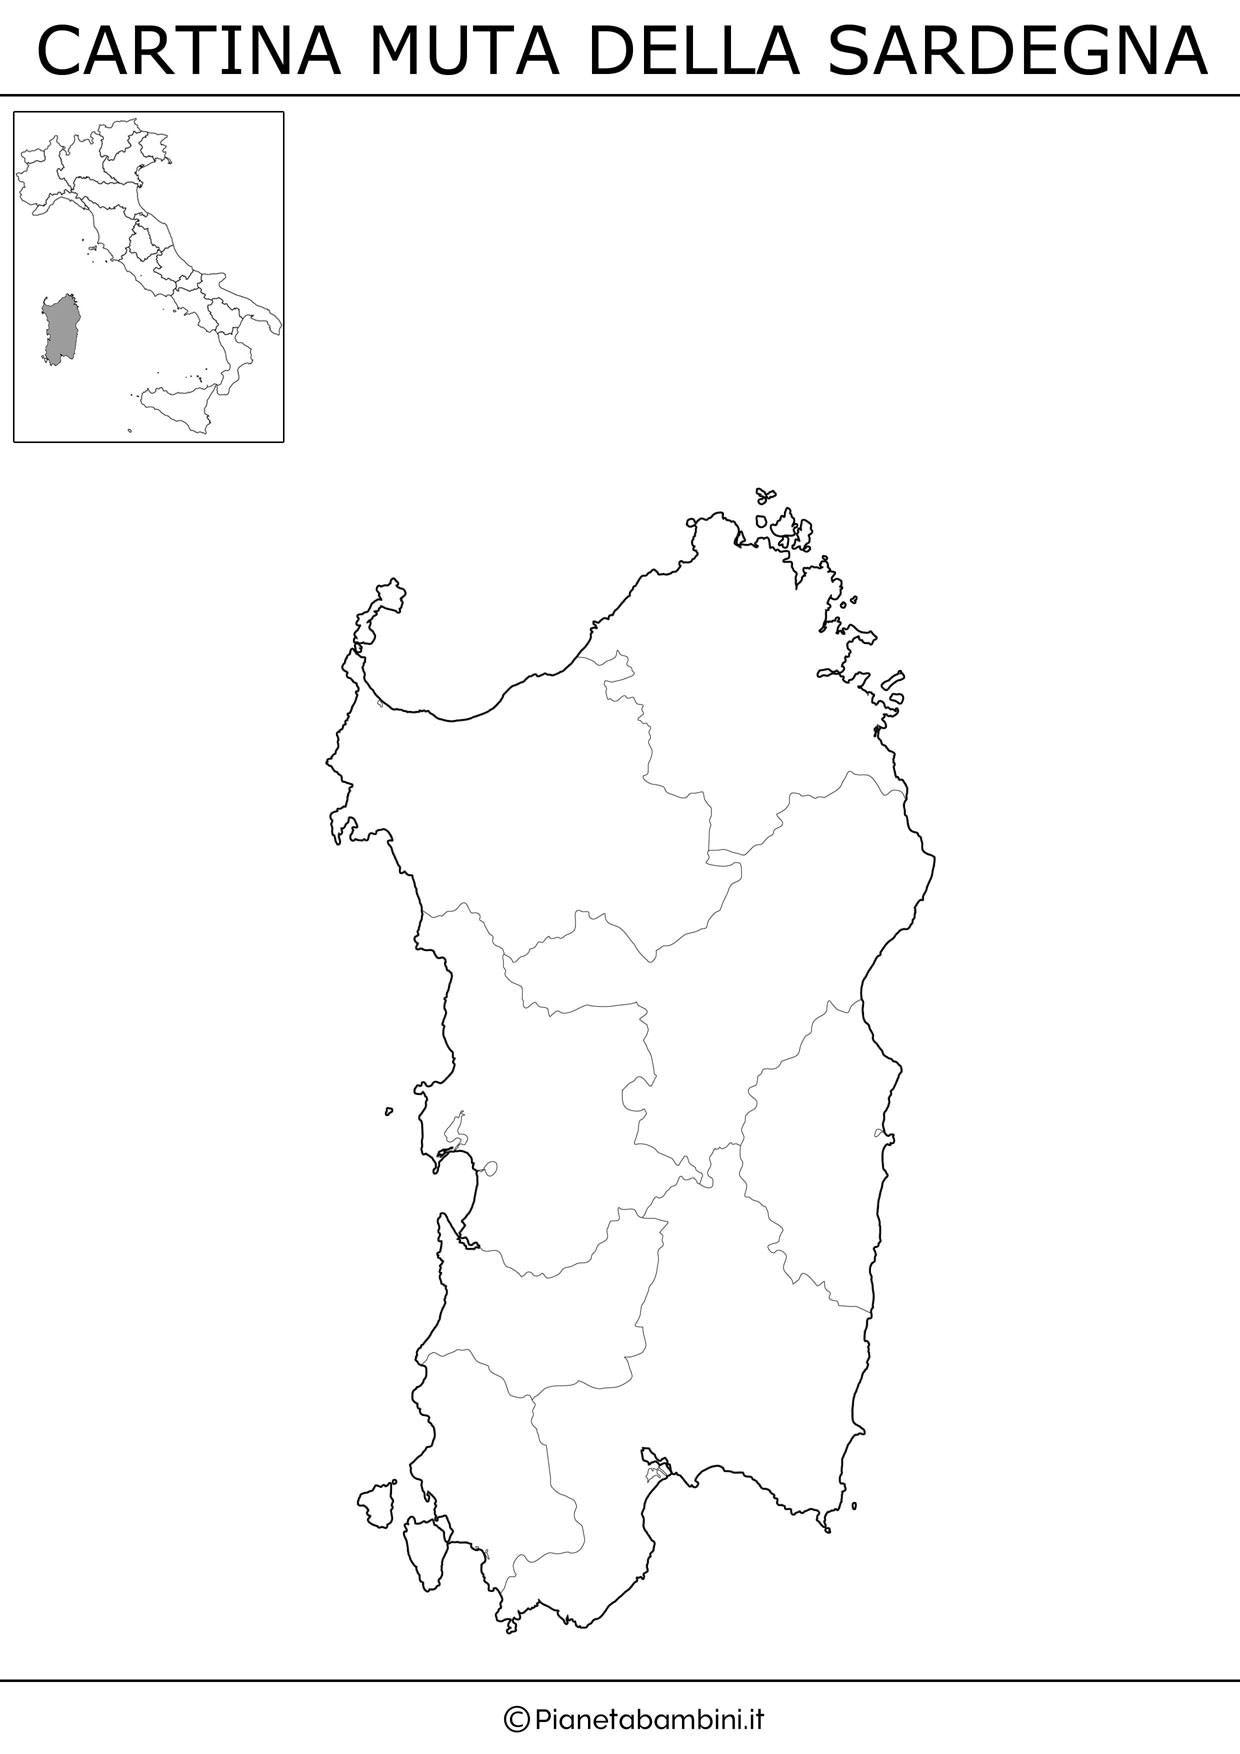 Cartina Muta Fisica E Politica Delle Sardegna Da Stampare Scuola